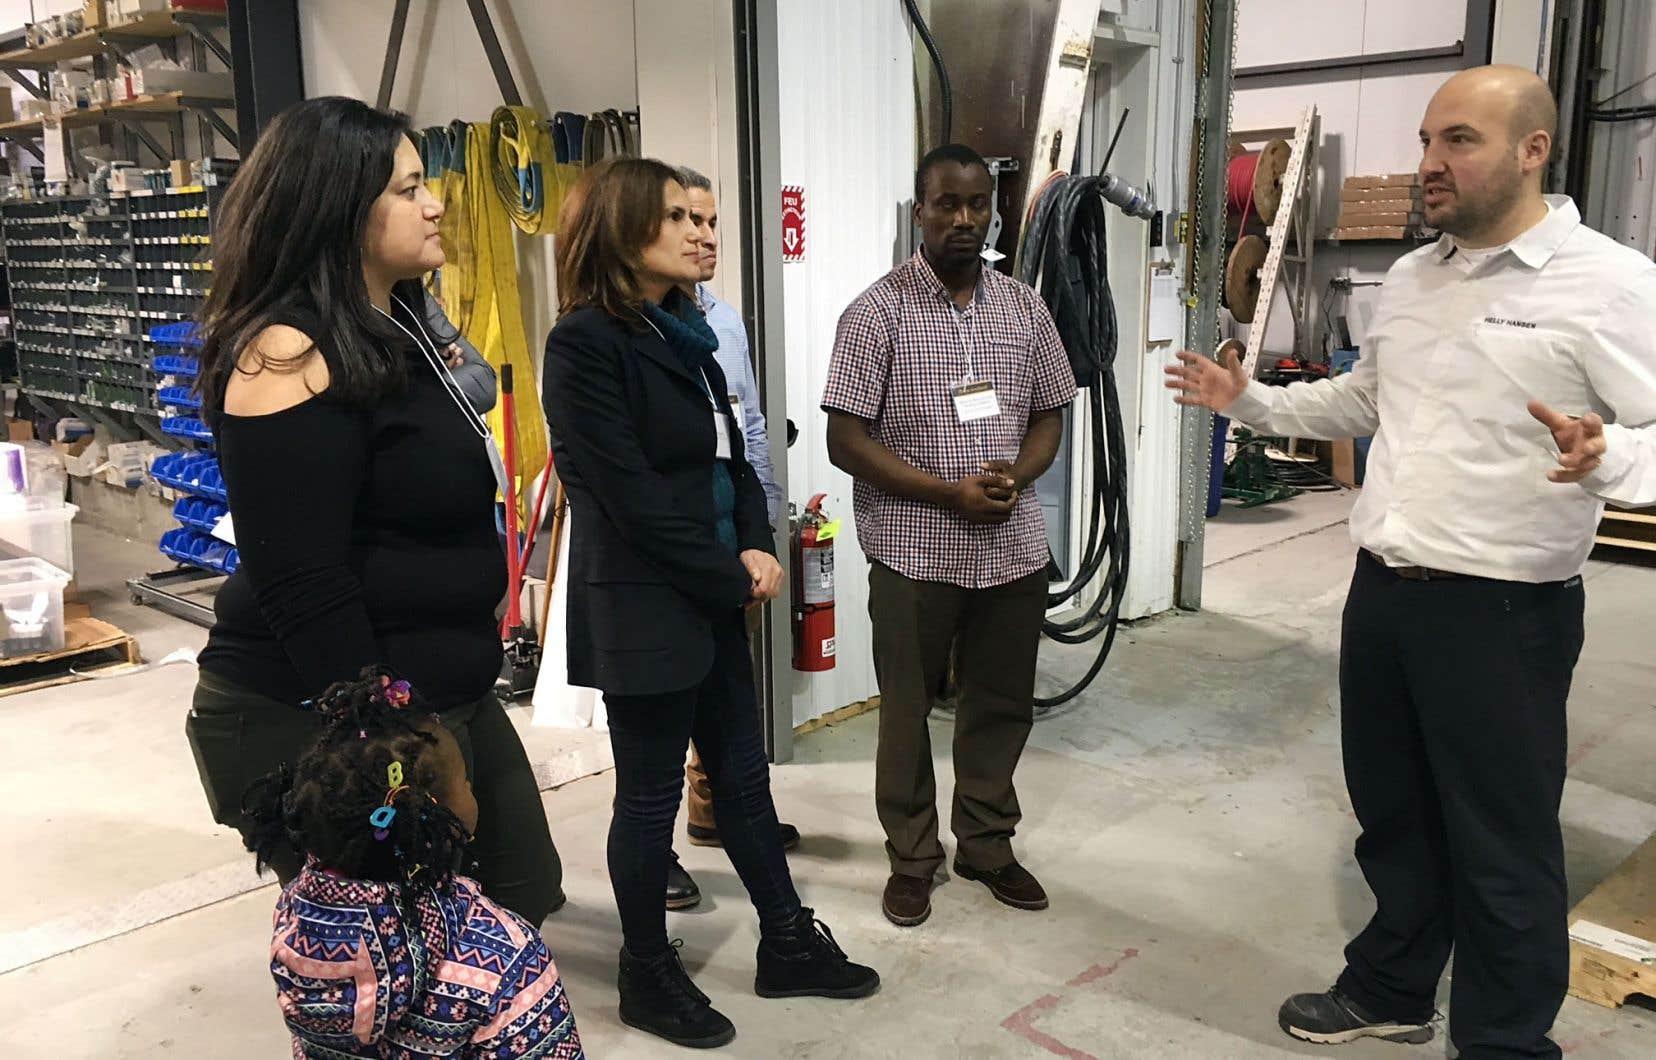 Selon le CIRANO, le gouvernement québécois devrait faire un effort particulier pour faire comprendre à la population les bienfaits de l'immigration, notamment en ce qui a trait à la pénurie de main-d'œuvre. Sur la photo, une visite industrielle à Val-d'Or d'immigrants à la recherche d'un lieu où s'établir pour contribuer à la société québécoise.